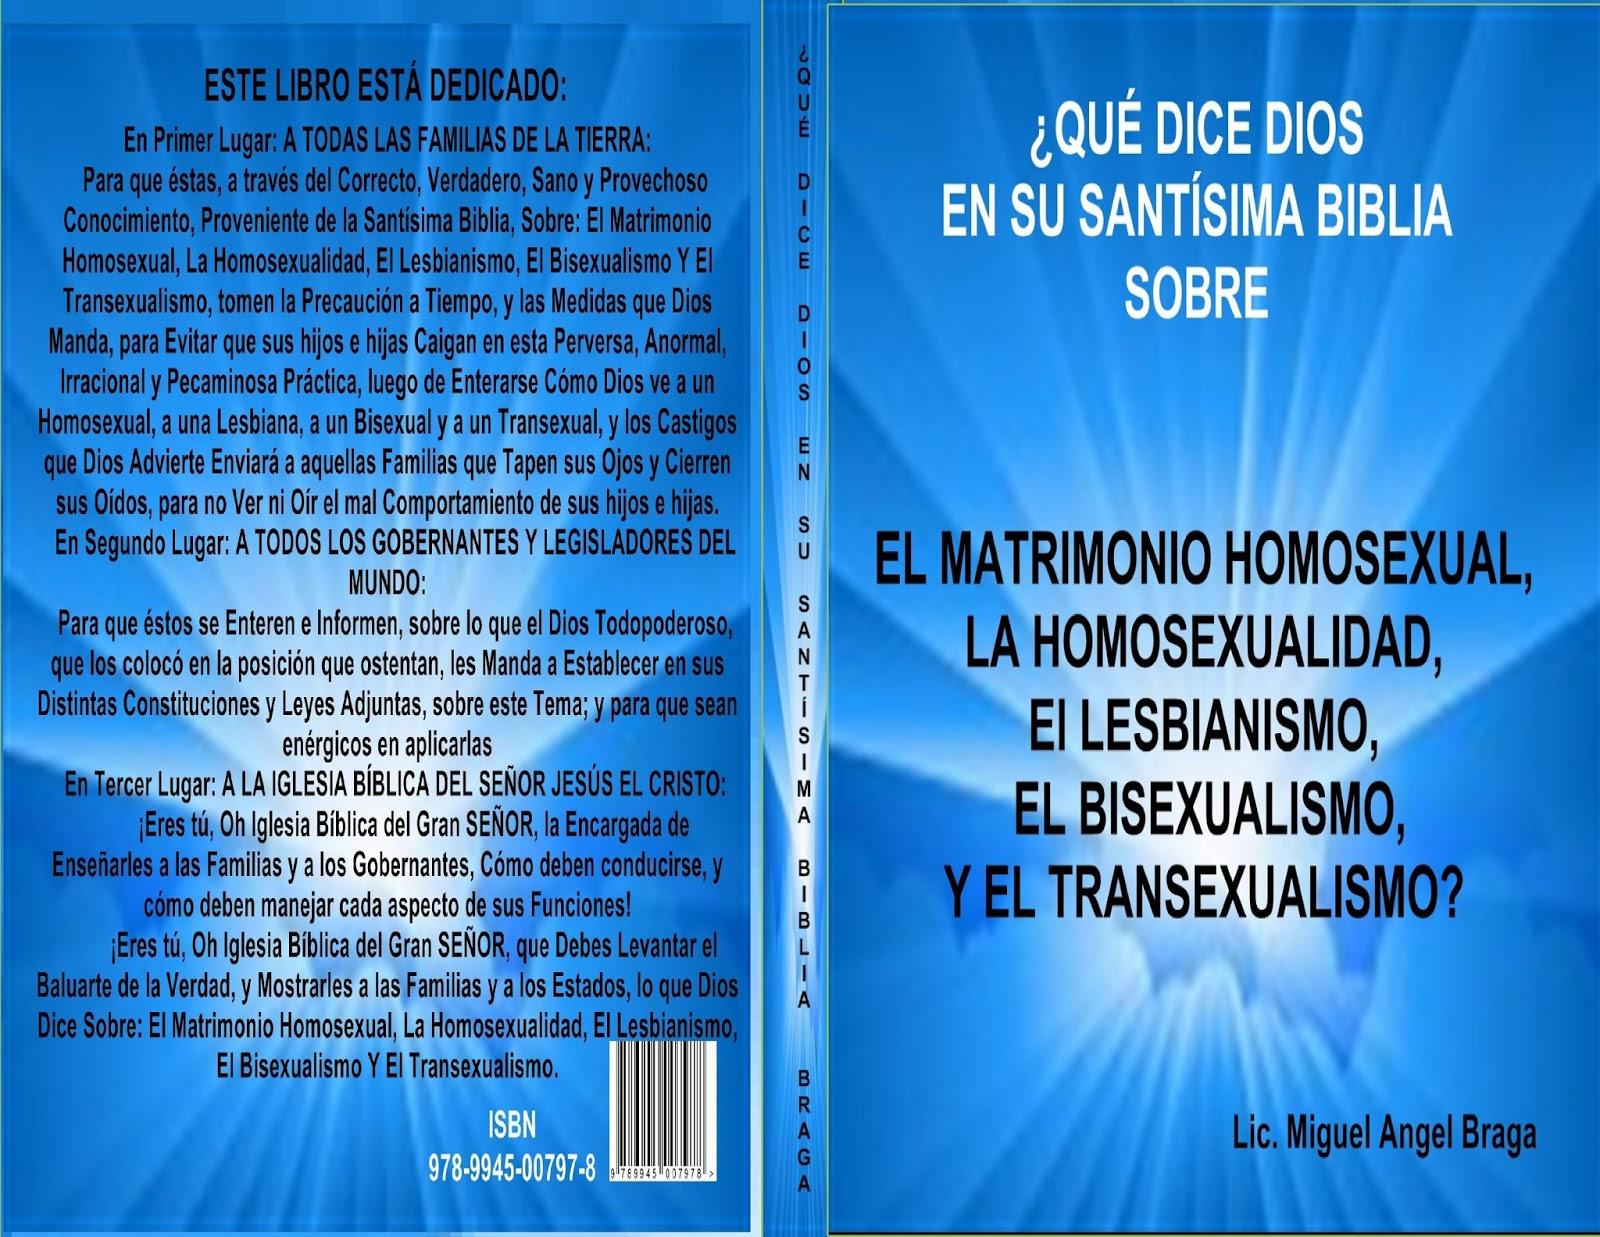 Biblia Sobre El Matrimonio : Libros que llevan al grandioso dios de la santÍsima biblia